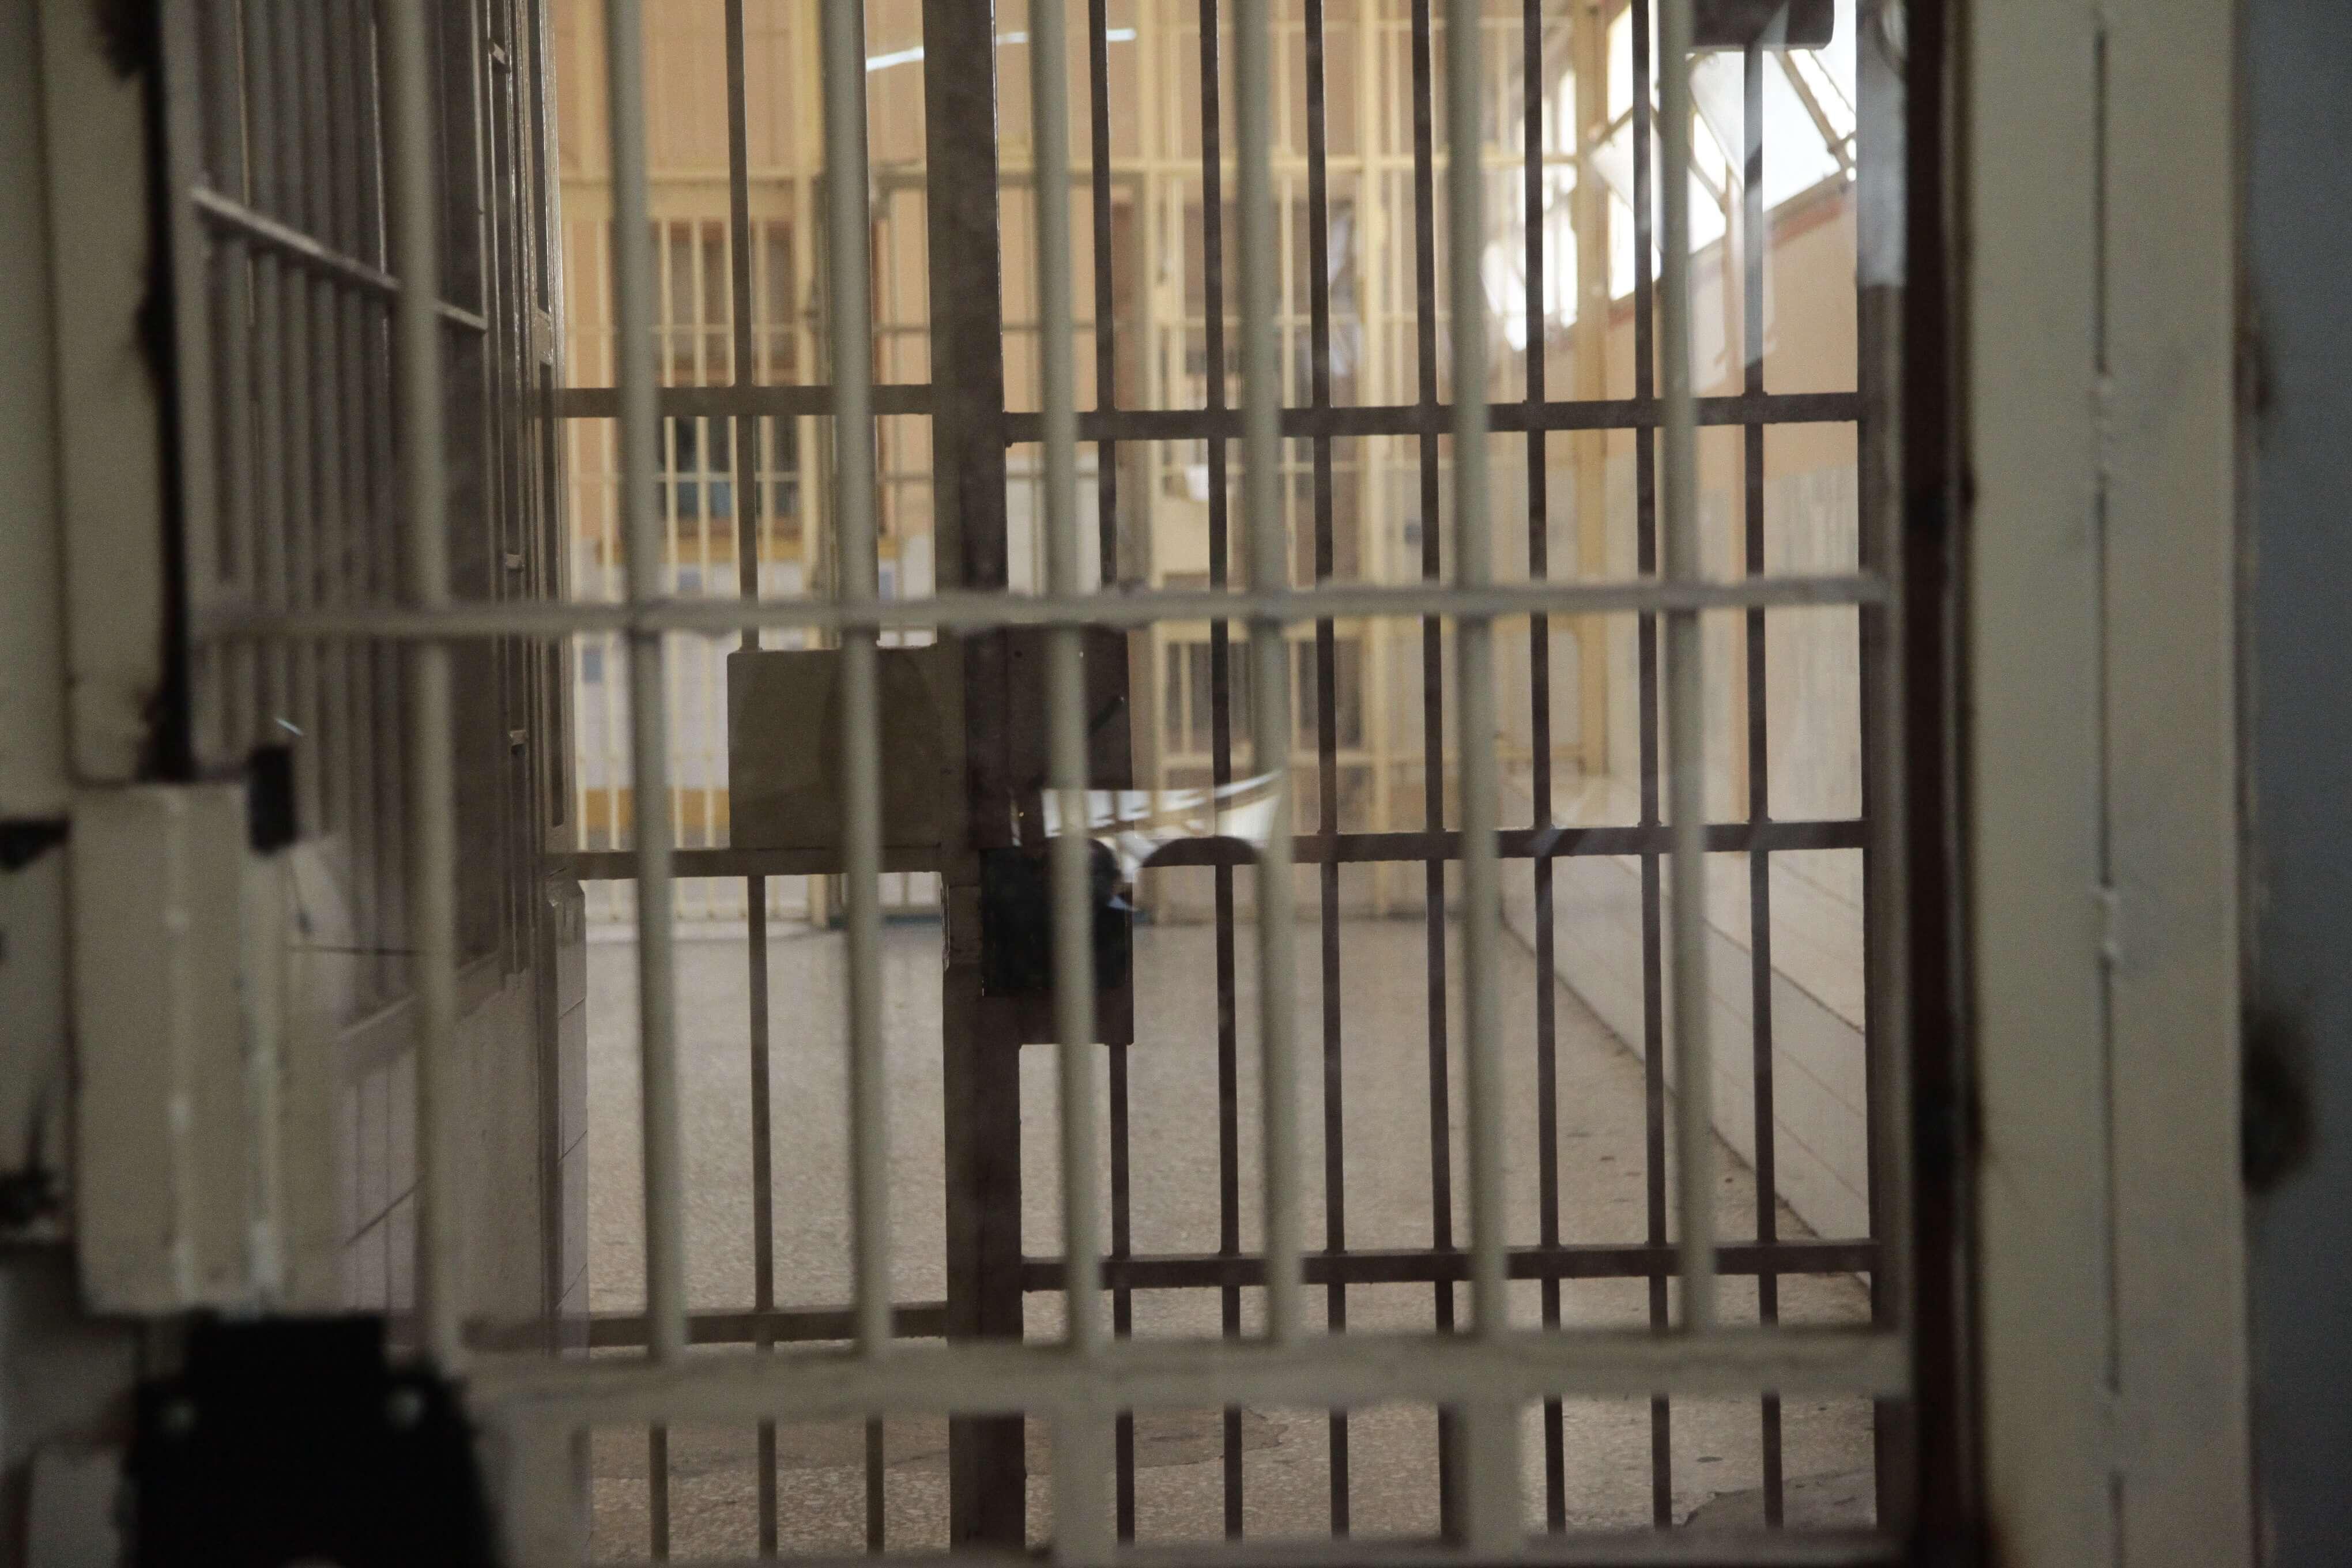 Οι διάλογοι που καίνε το κύκλωμα των φυλακών: Θα του κόψω το κεφάλι σαν κότα!